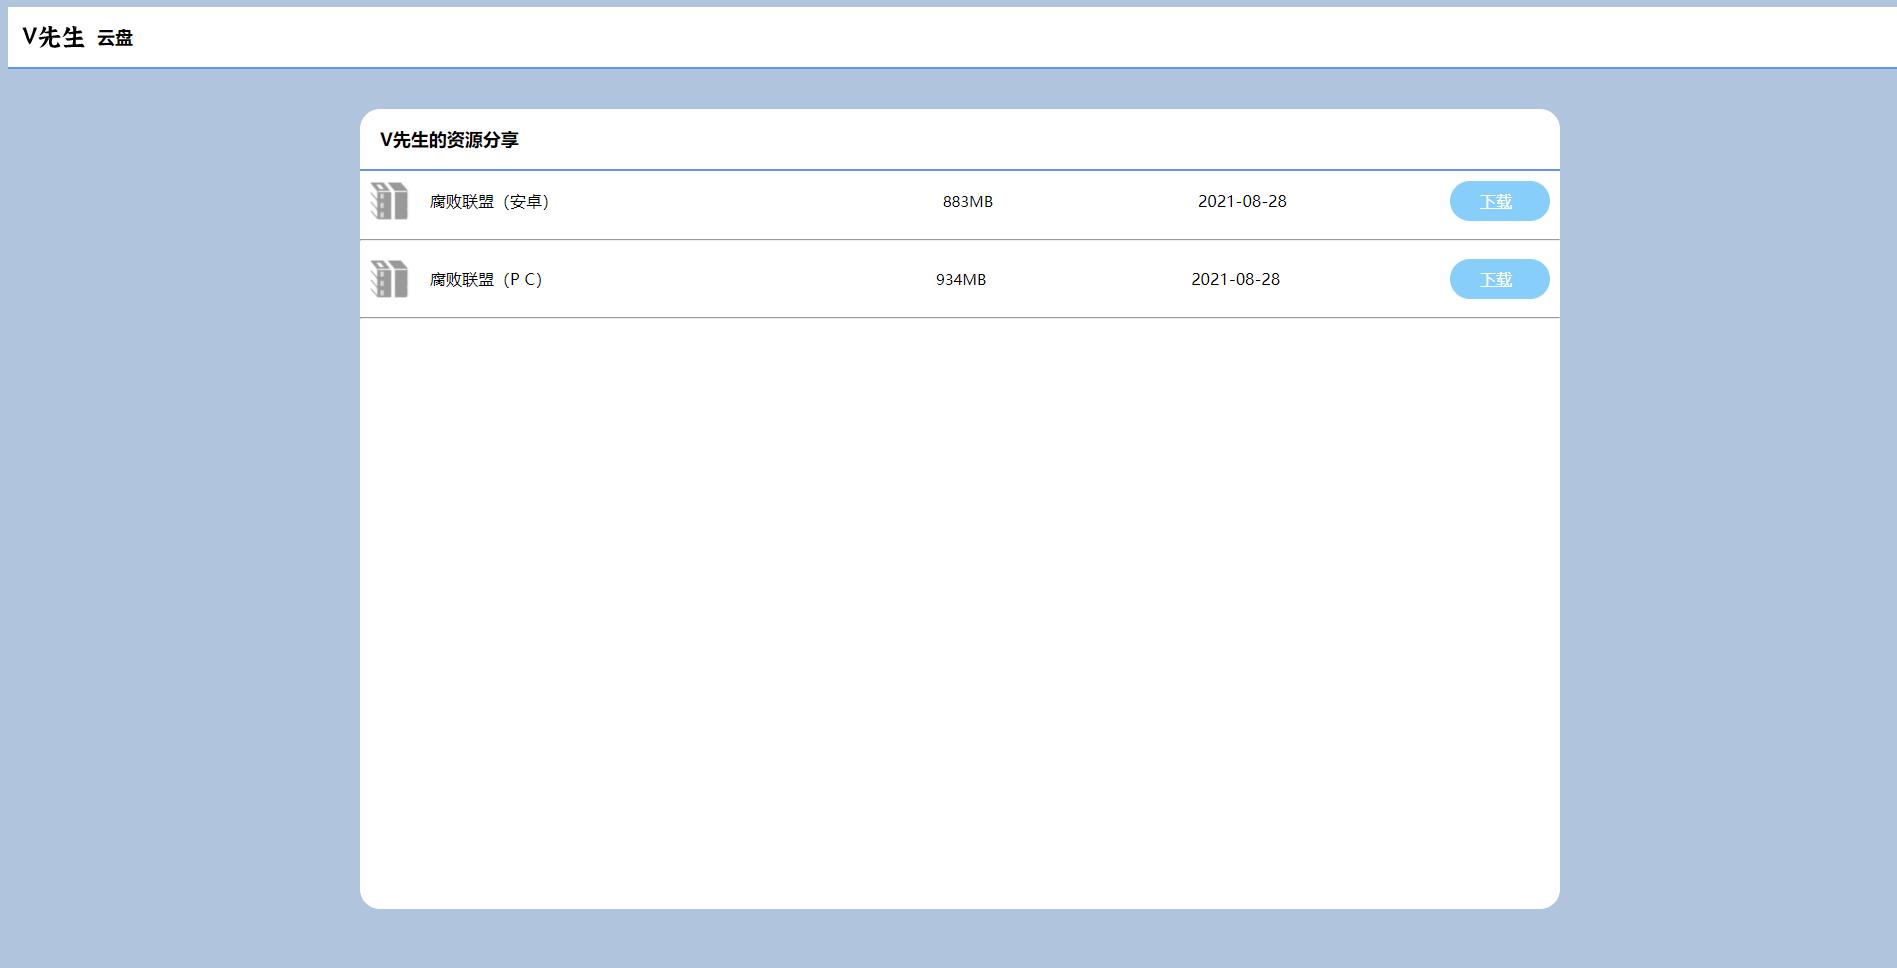 腐败联盟【V先生|OneDrive|百度云】【安卓|PC】1.81G 2